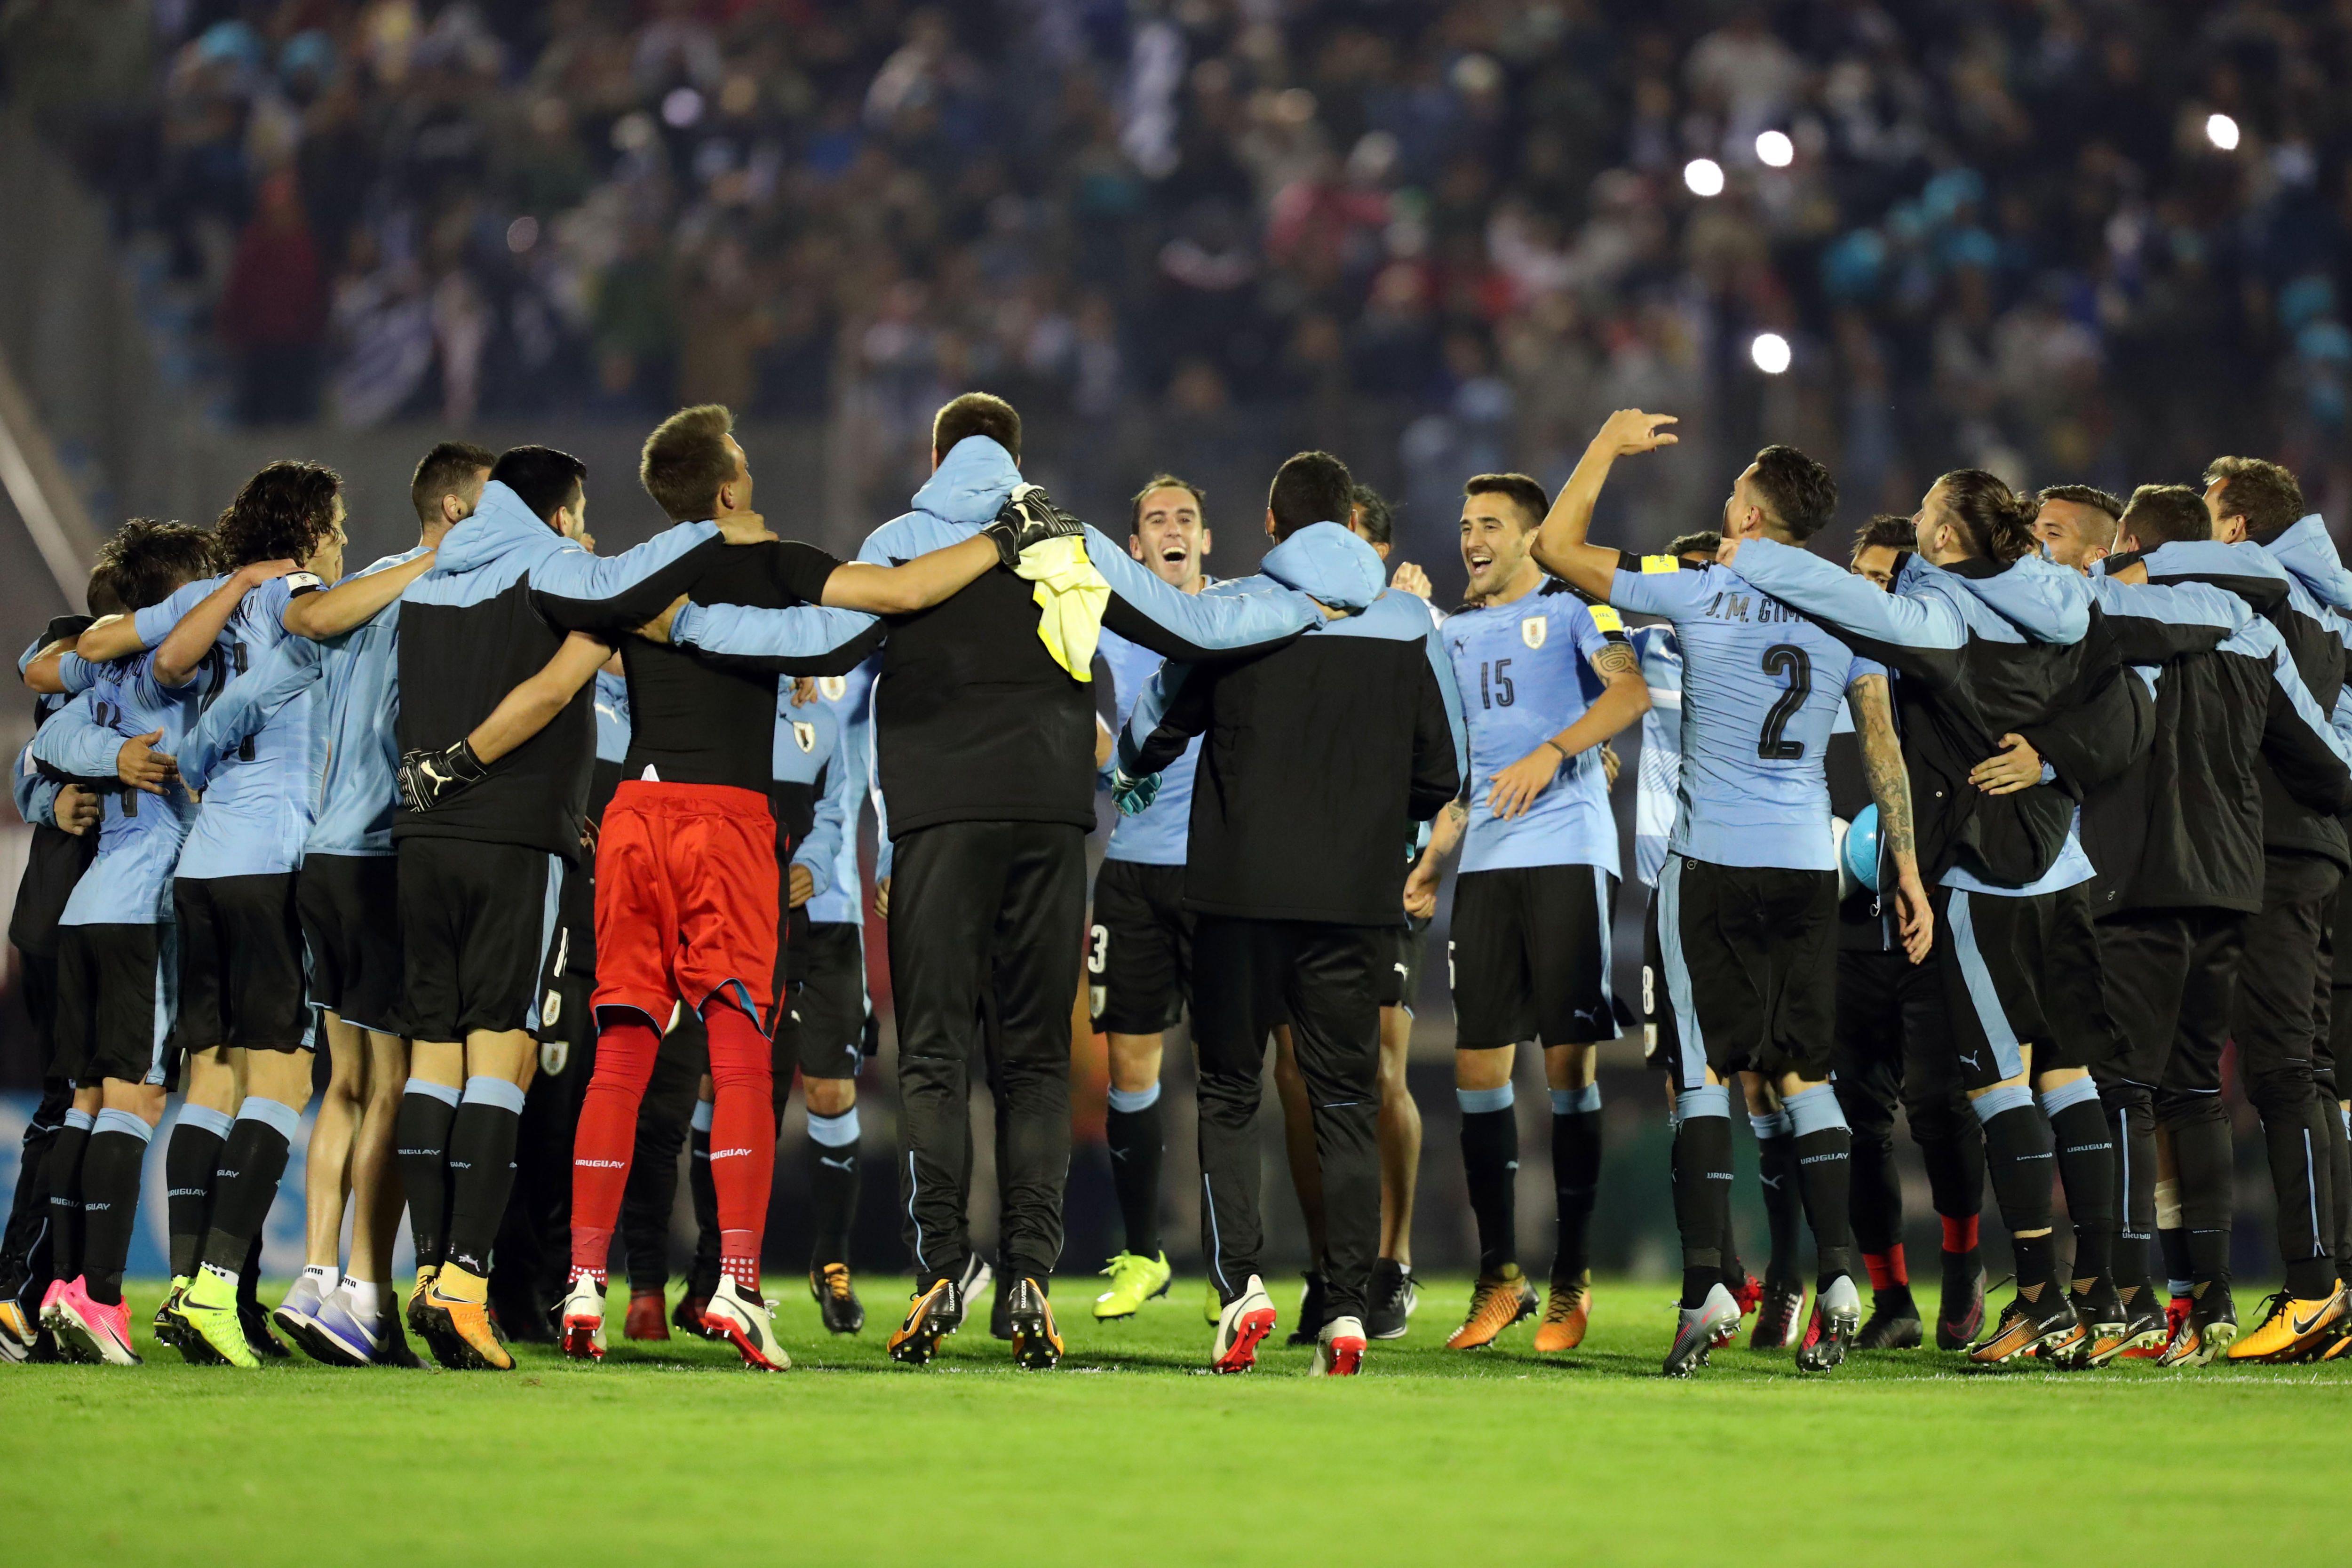 El festejo de la Selección uruguaya tras la victoria frente a Bolivia